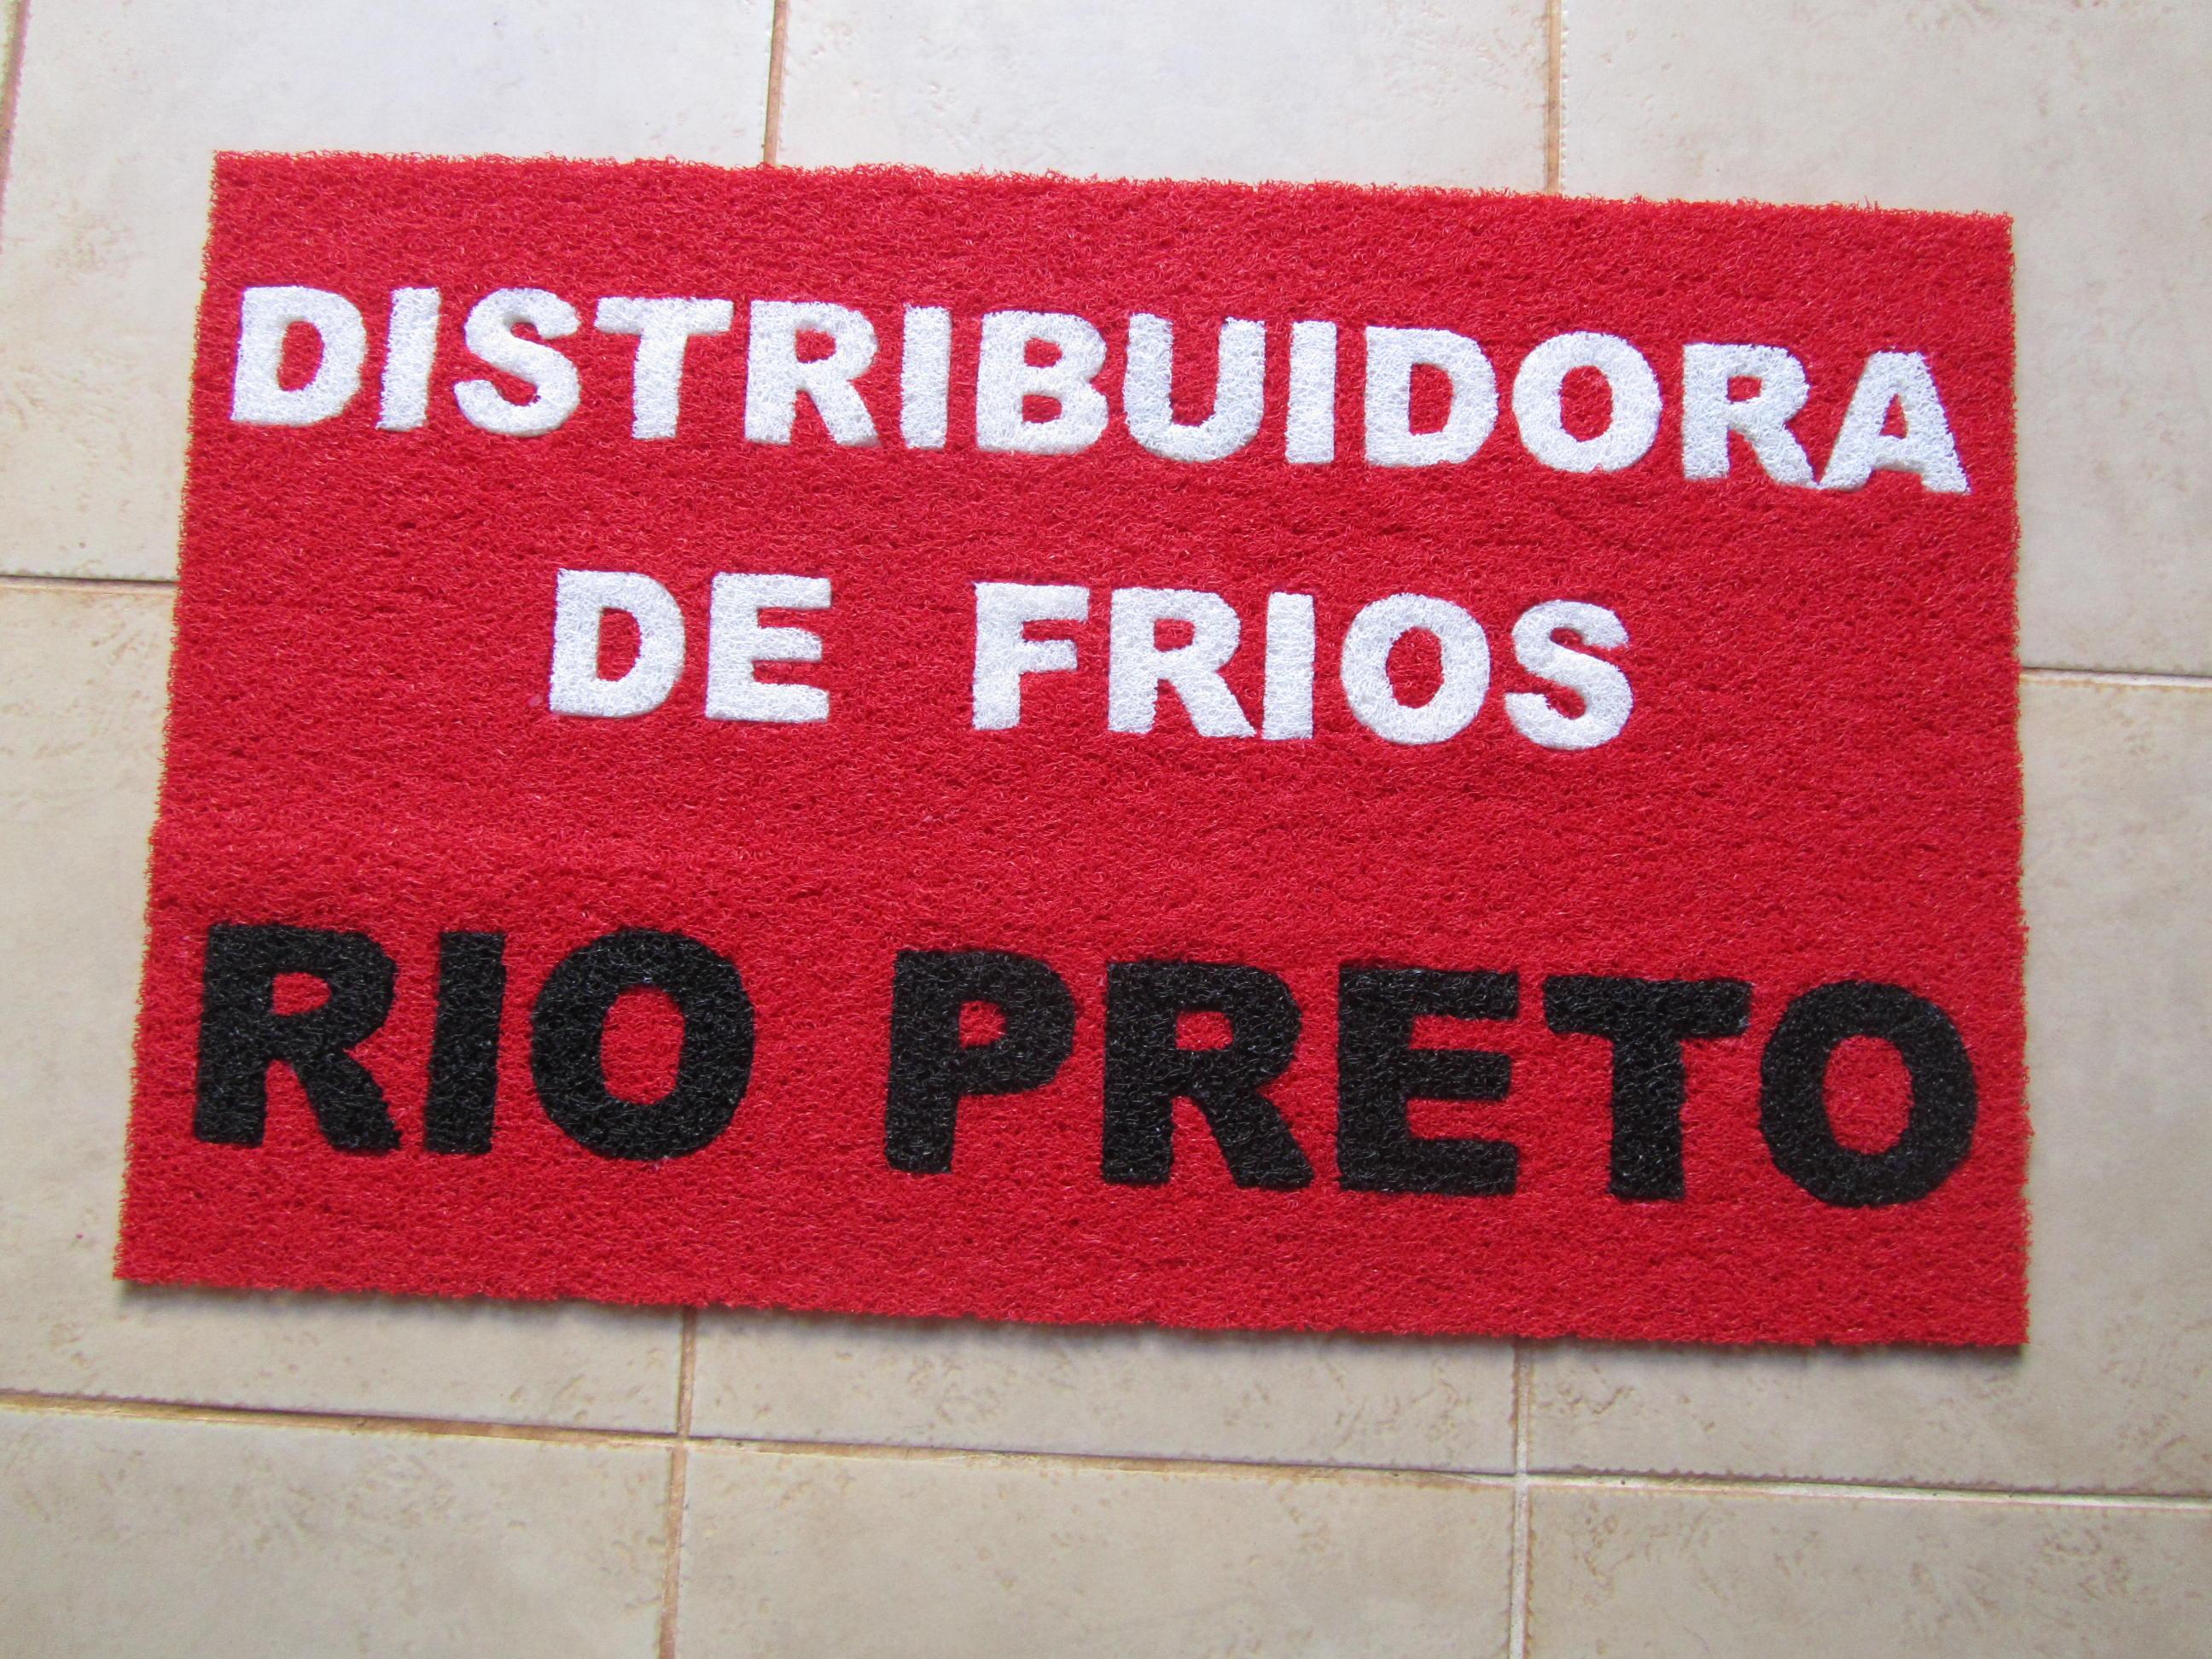 Distribuidora de Frios Rio Preto.